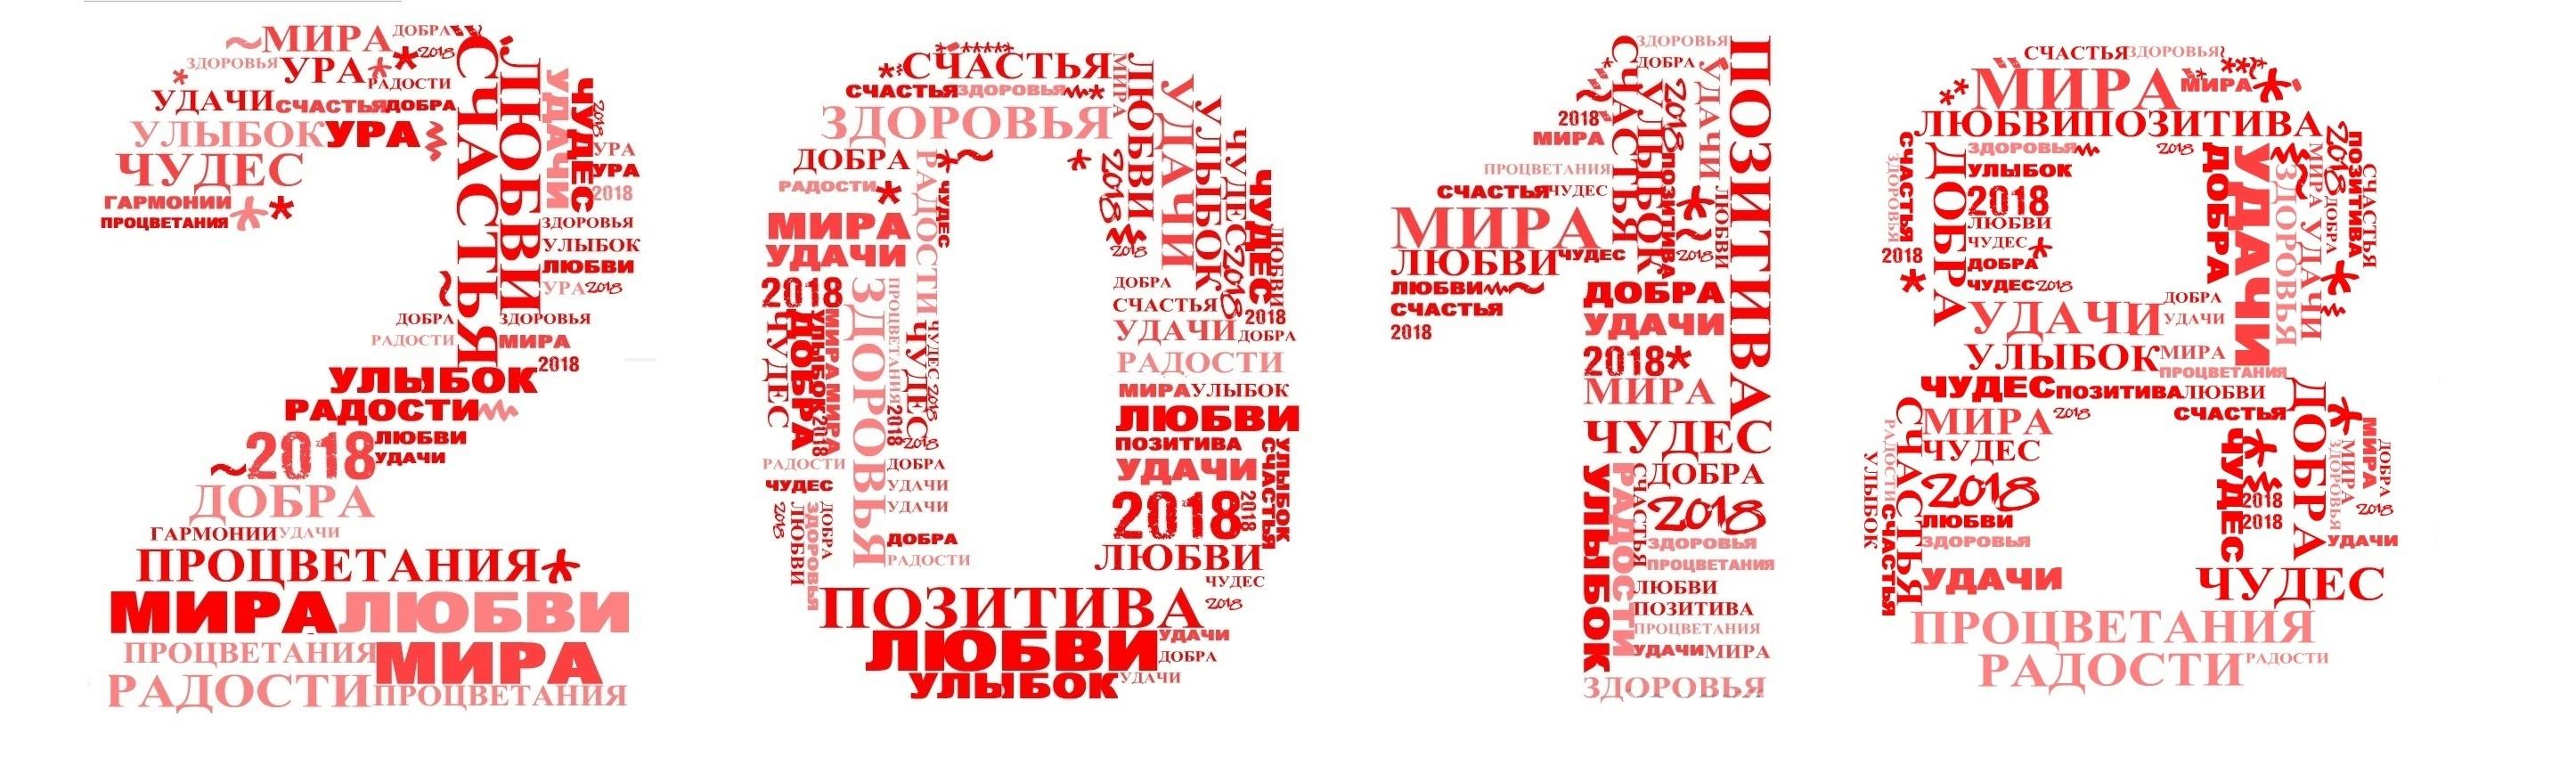 надпись 2018 красиво, 2018, надпись +с новым годом 2018, надпись 2018 год, 2018 из пожеланий